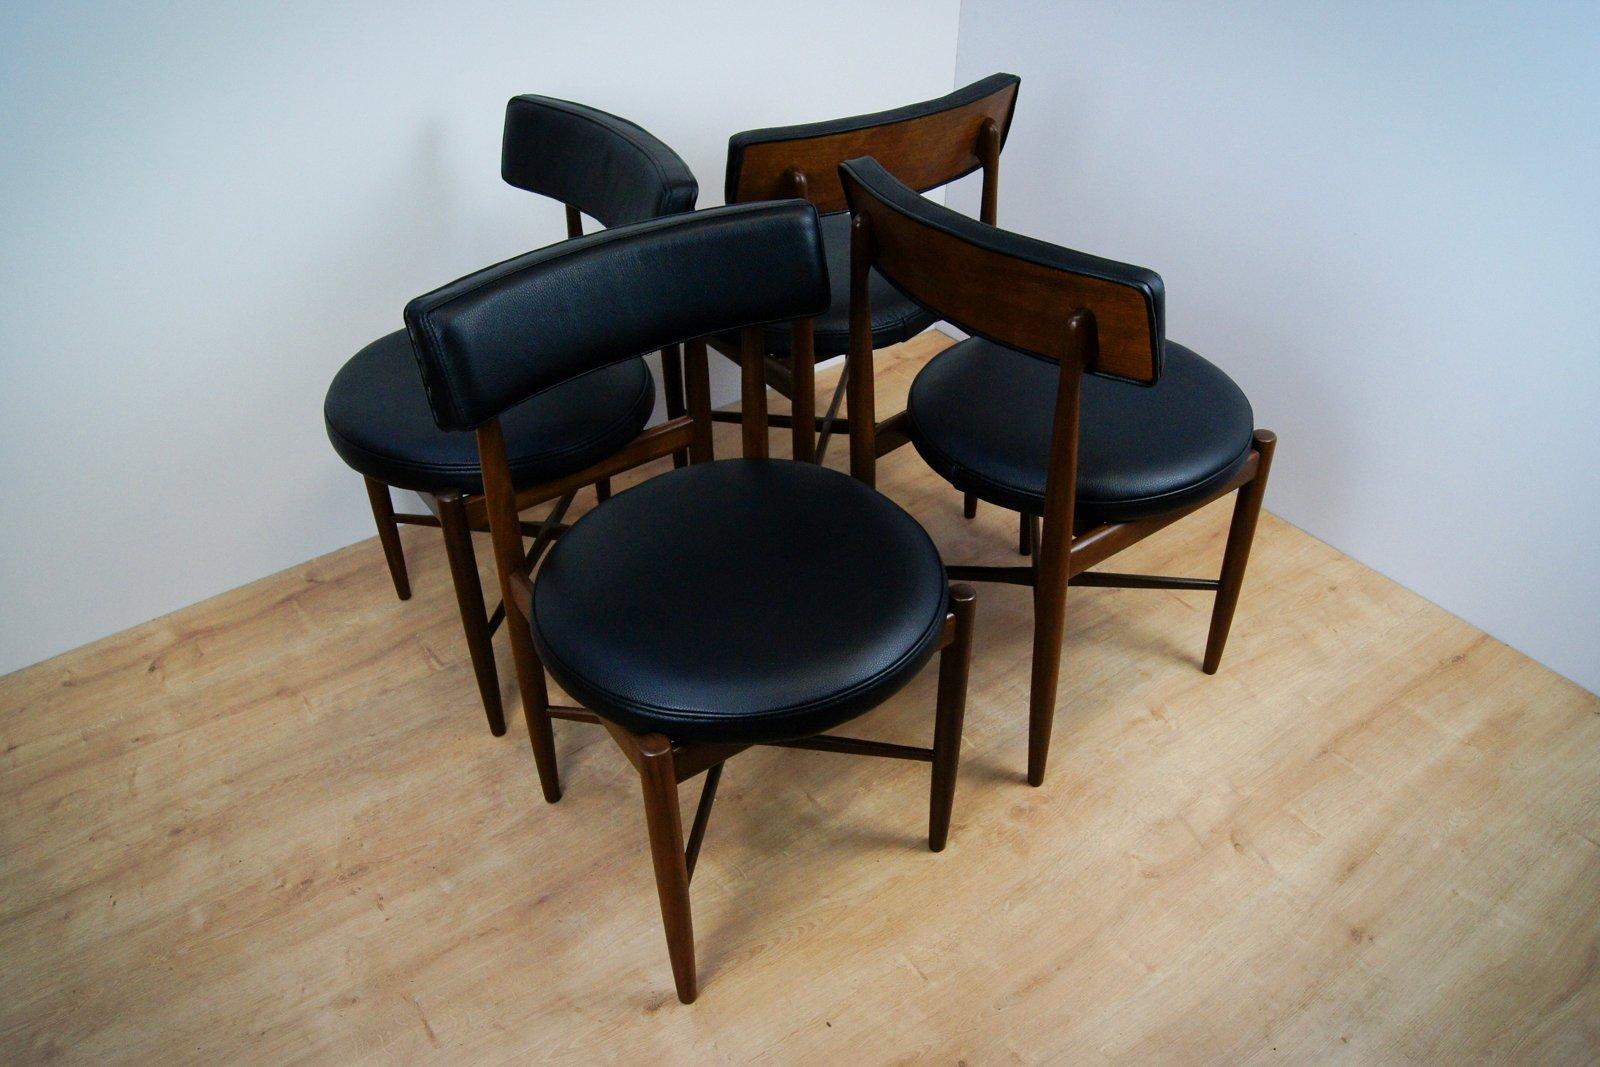 Tavolo e 4 sedie da pranzo di ib kofod larsen per g plan for Sedie per tavolo da pranzo